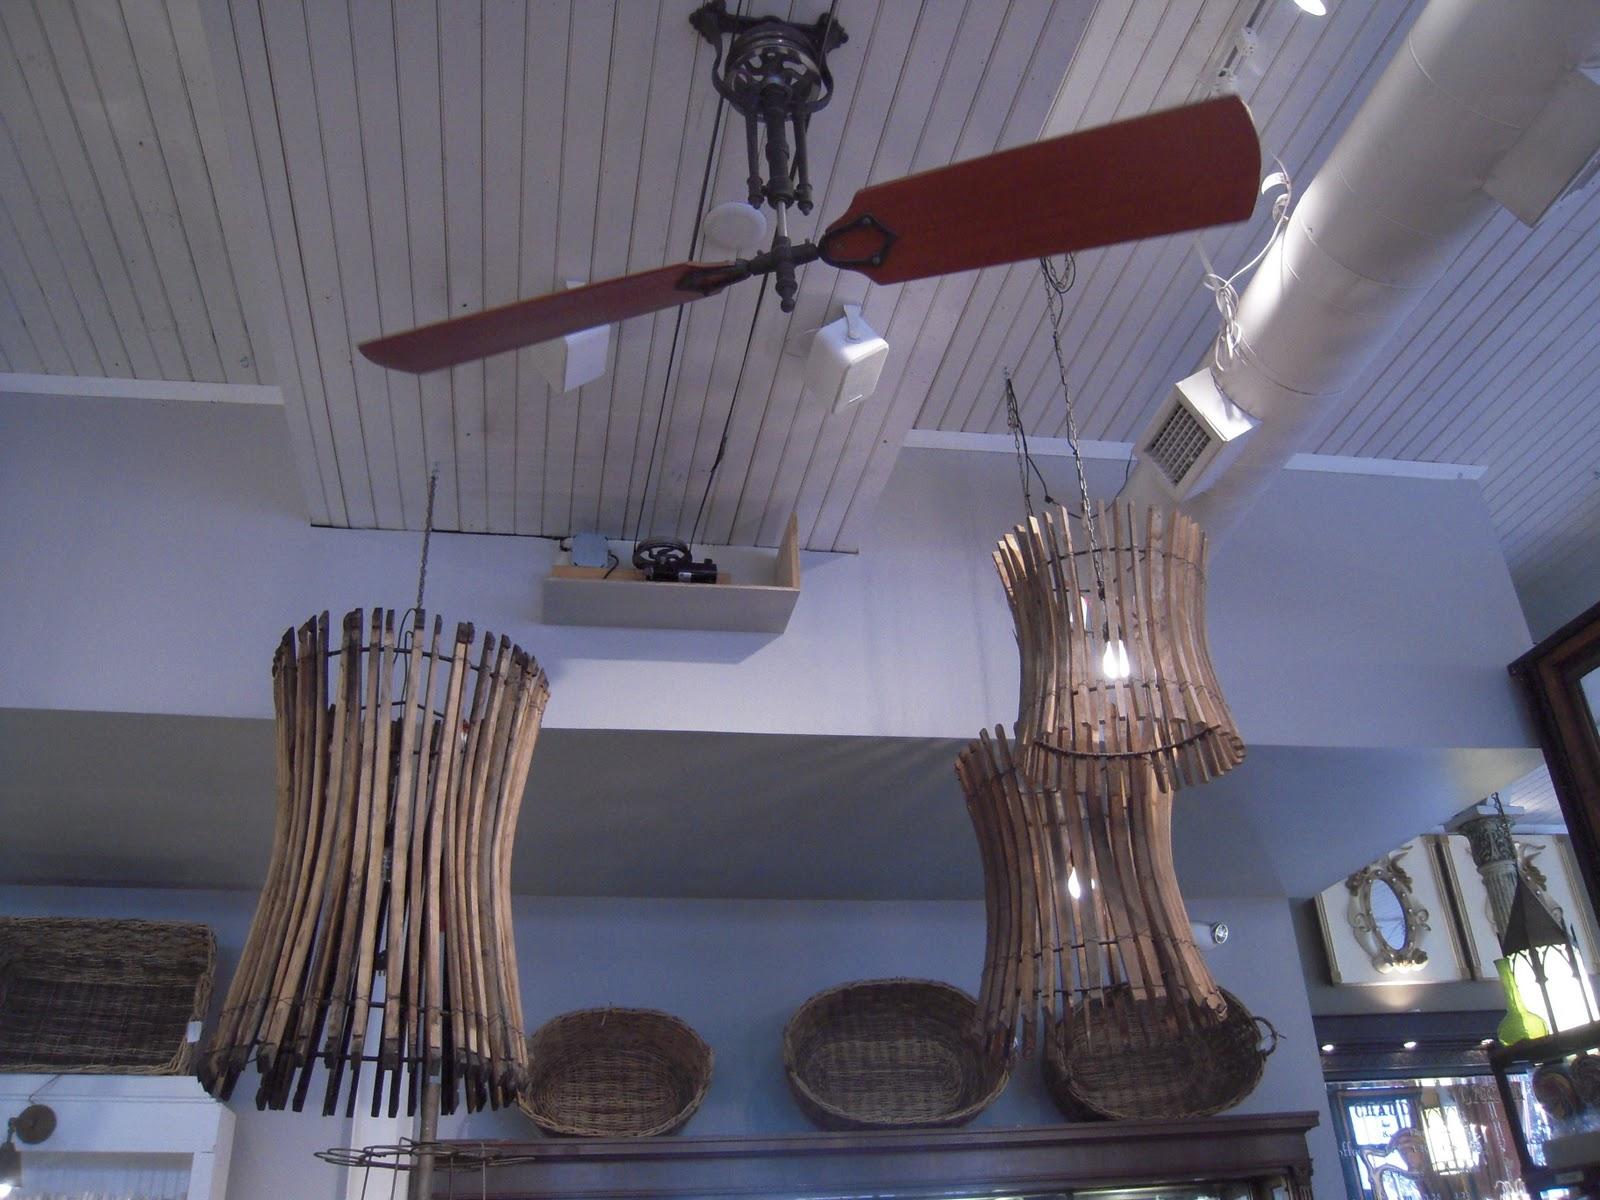 Tyd paris market - Ceiling fan pulley system ...